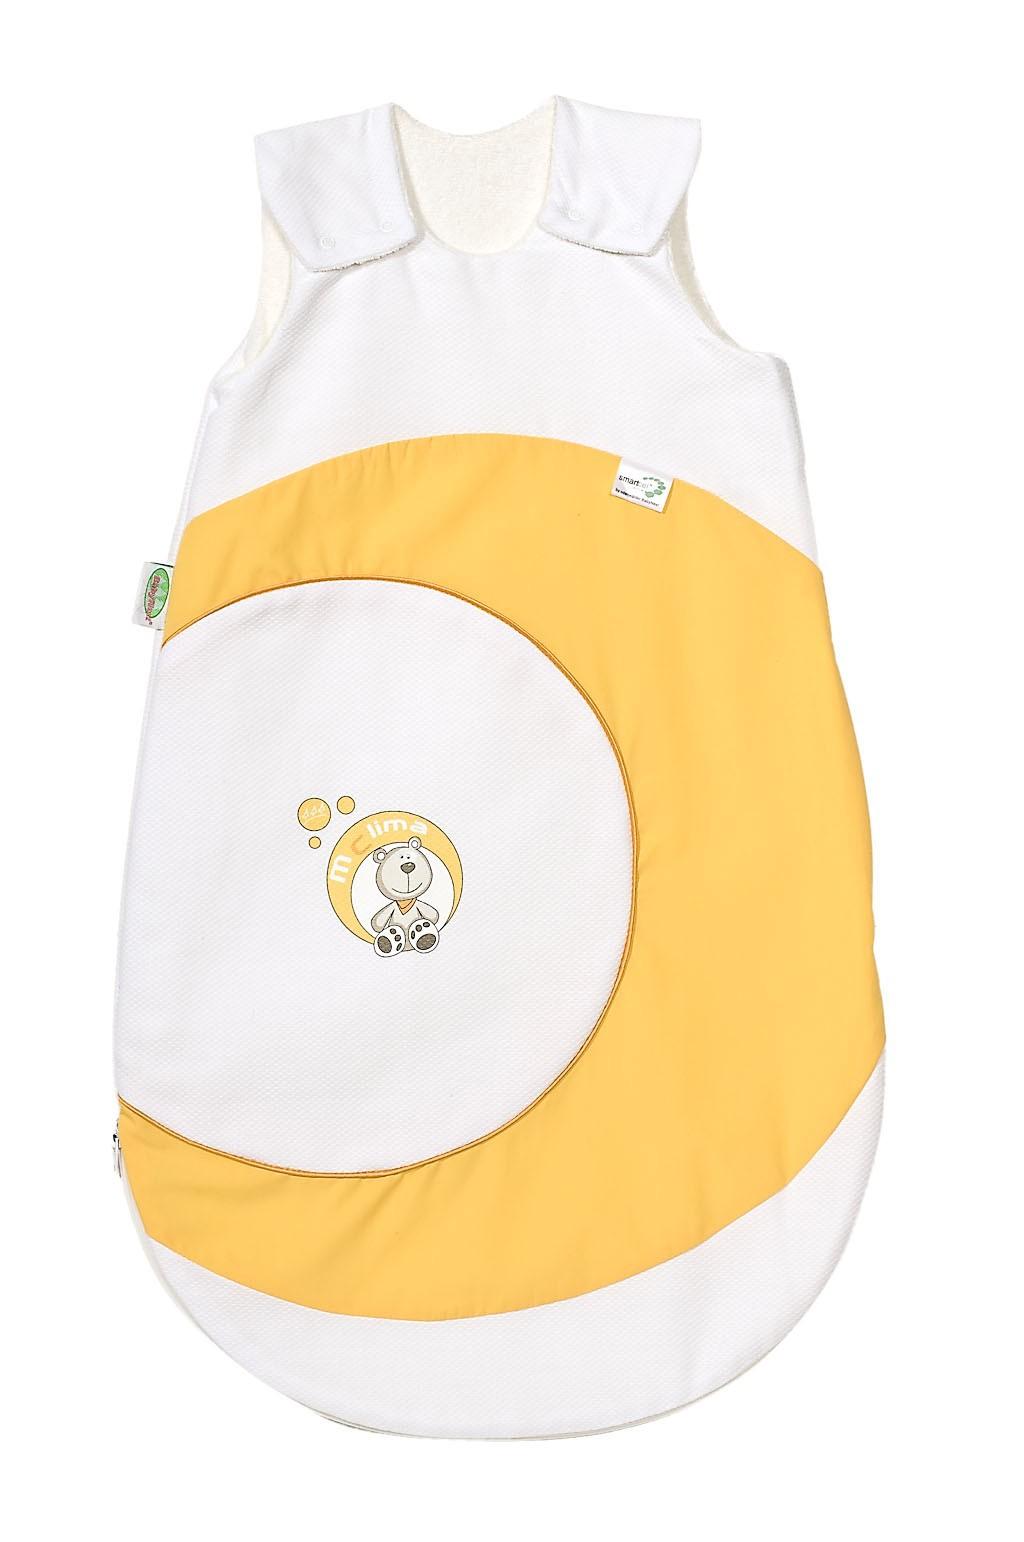 Odenwälder Baby-Schlafsack Mclima cold gelb